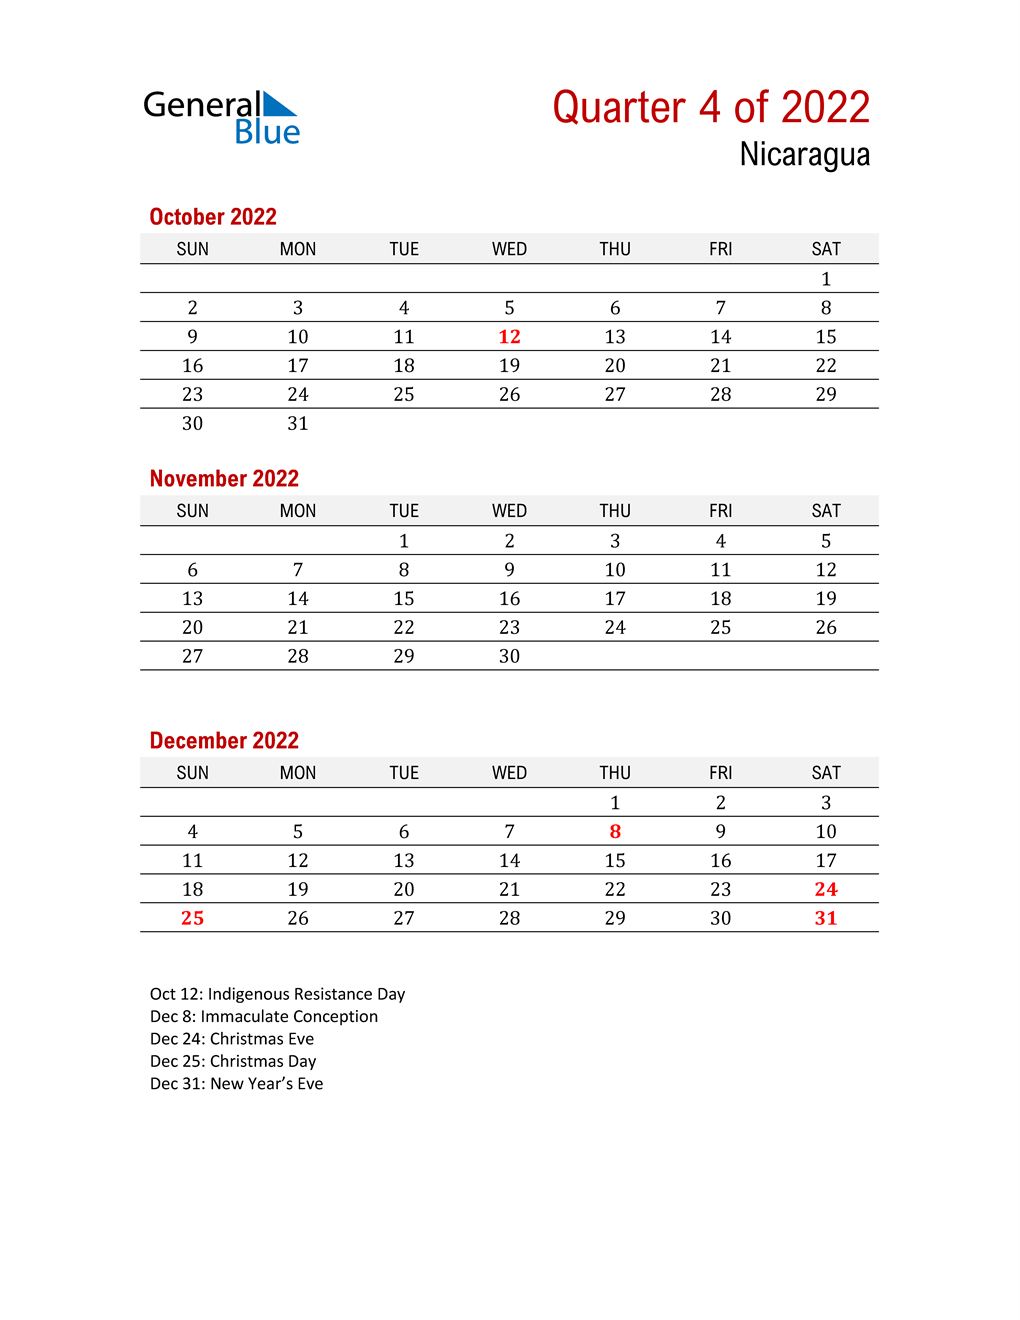 Printable Three Month Calendar for Nicaragua